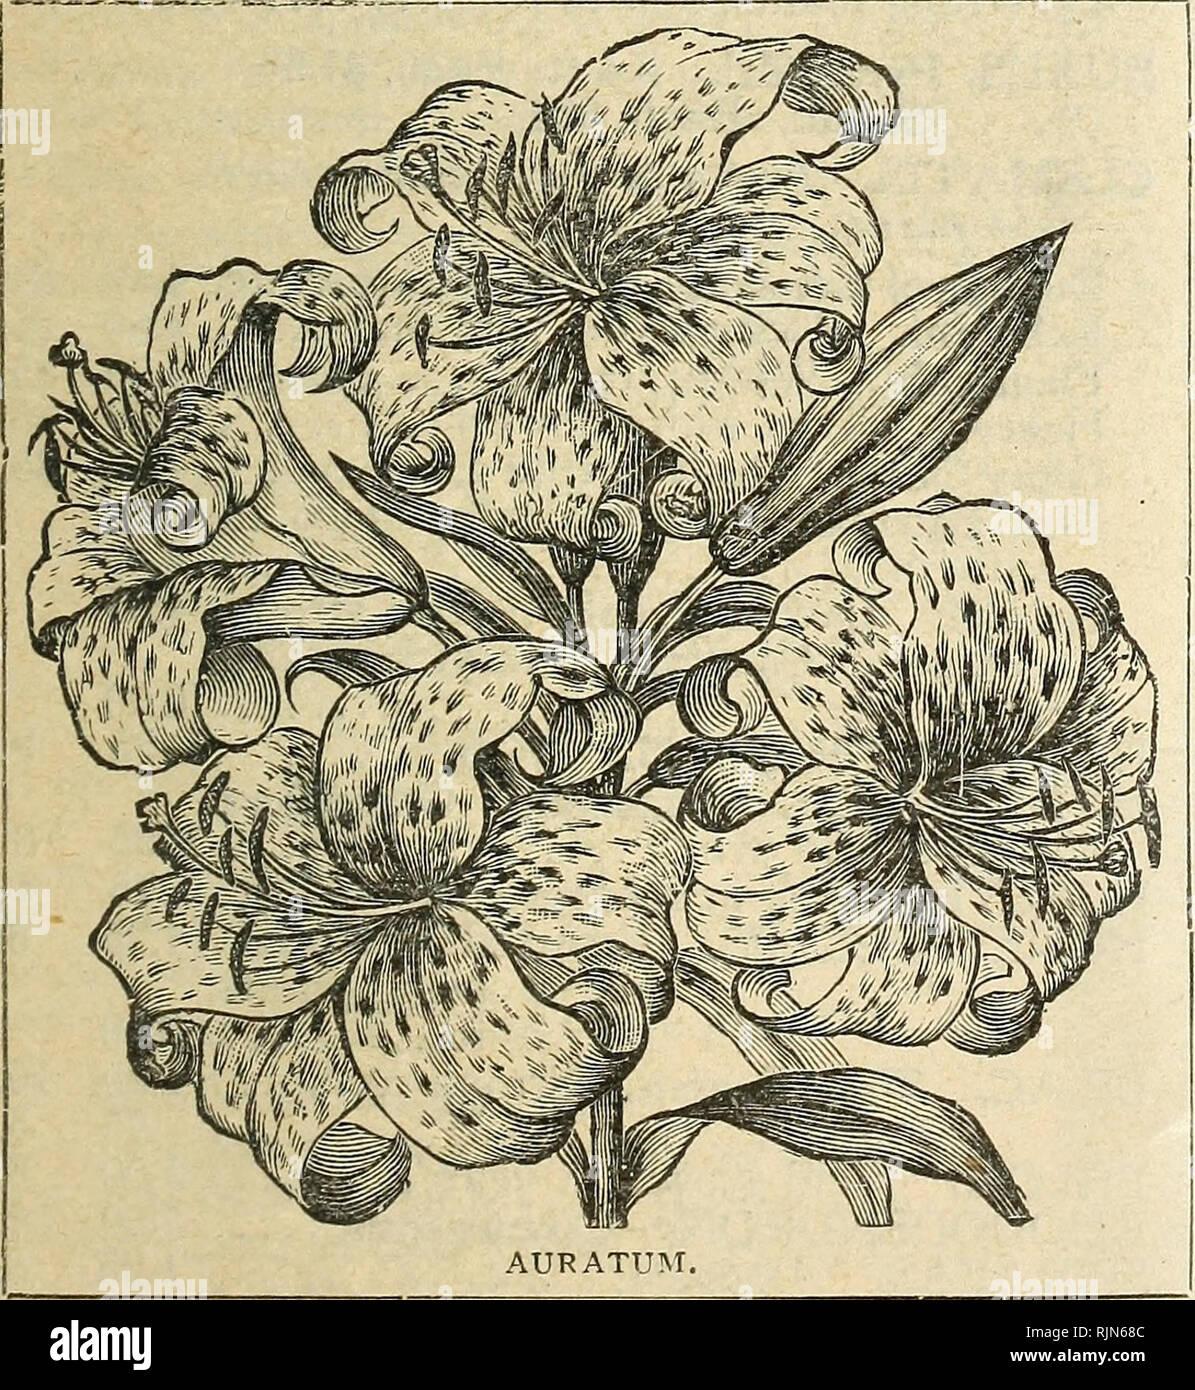 Barnard's florists' wholesale list of seeds bulbs sundries, etc